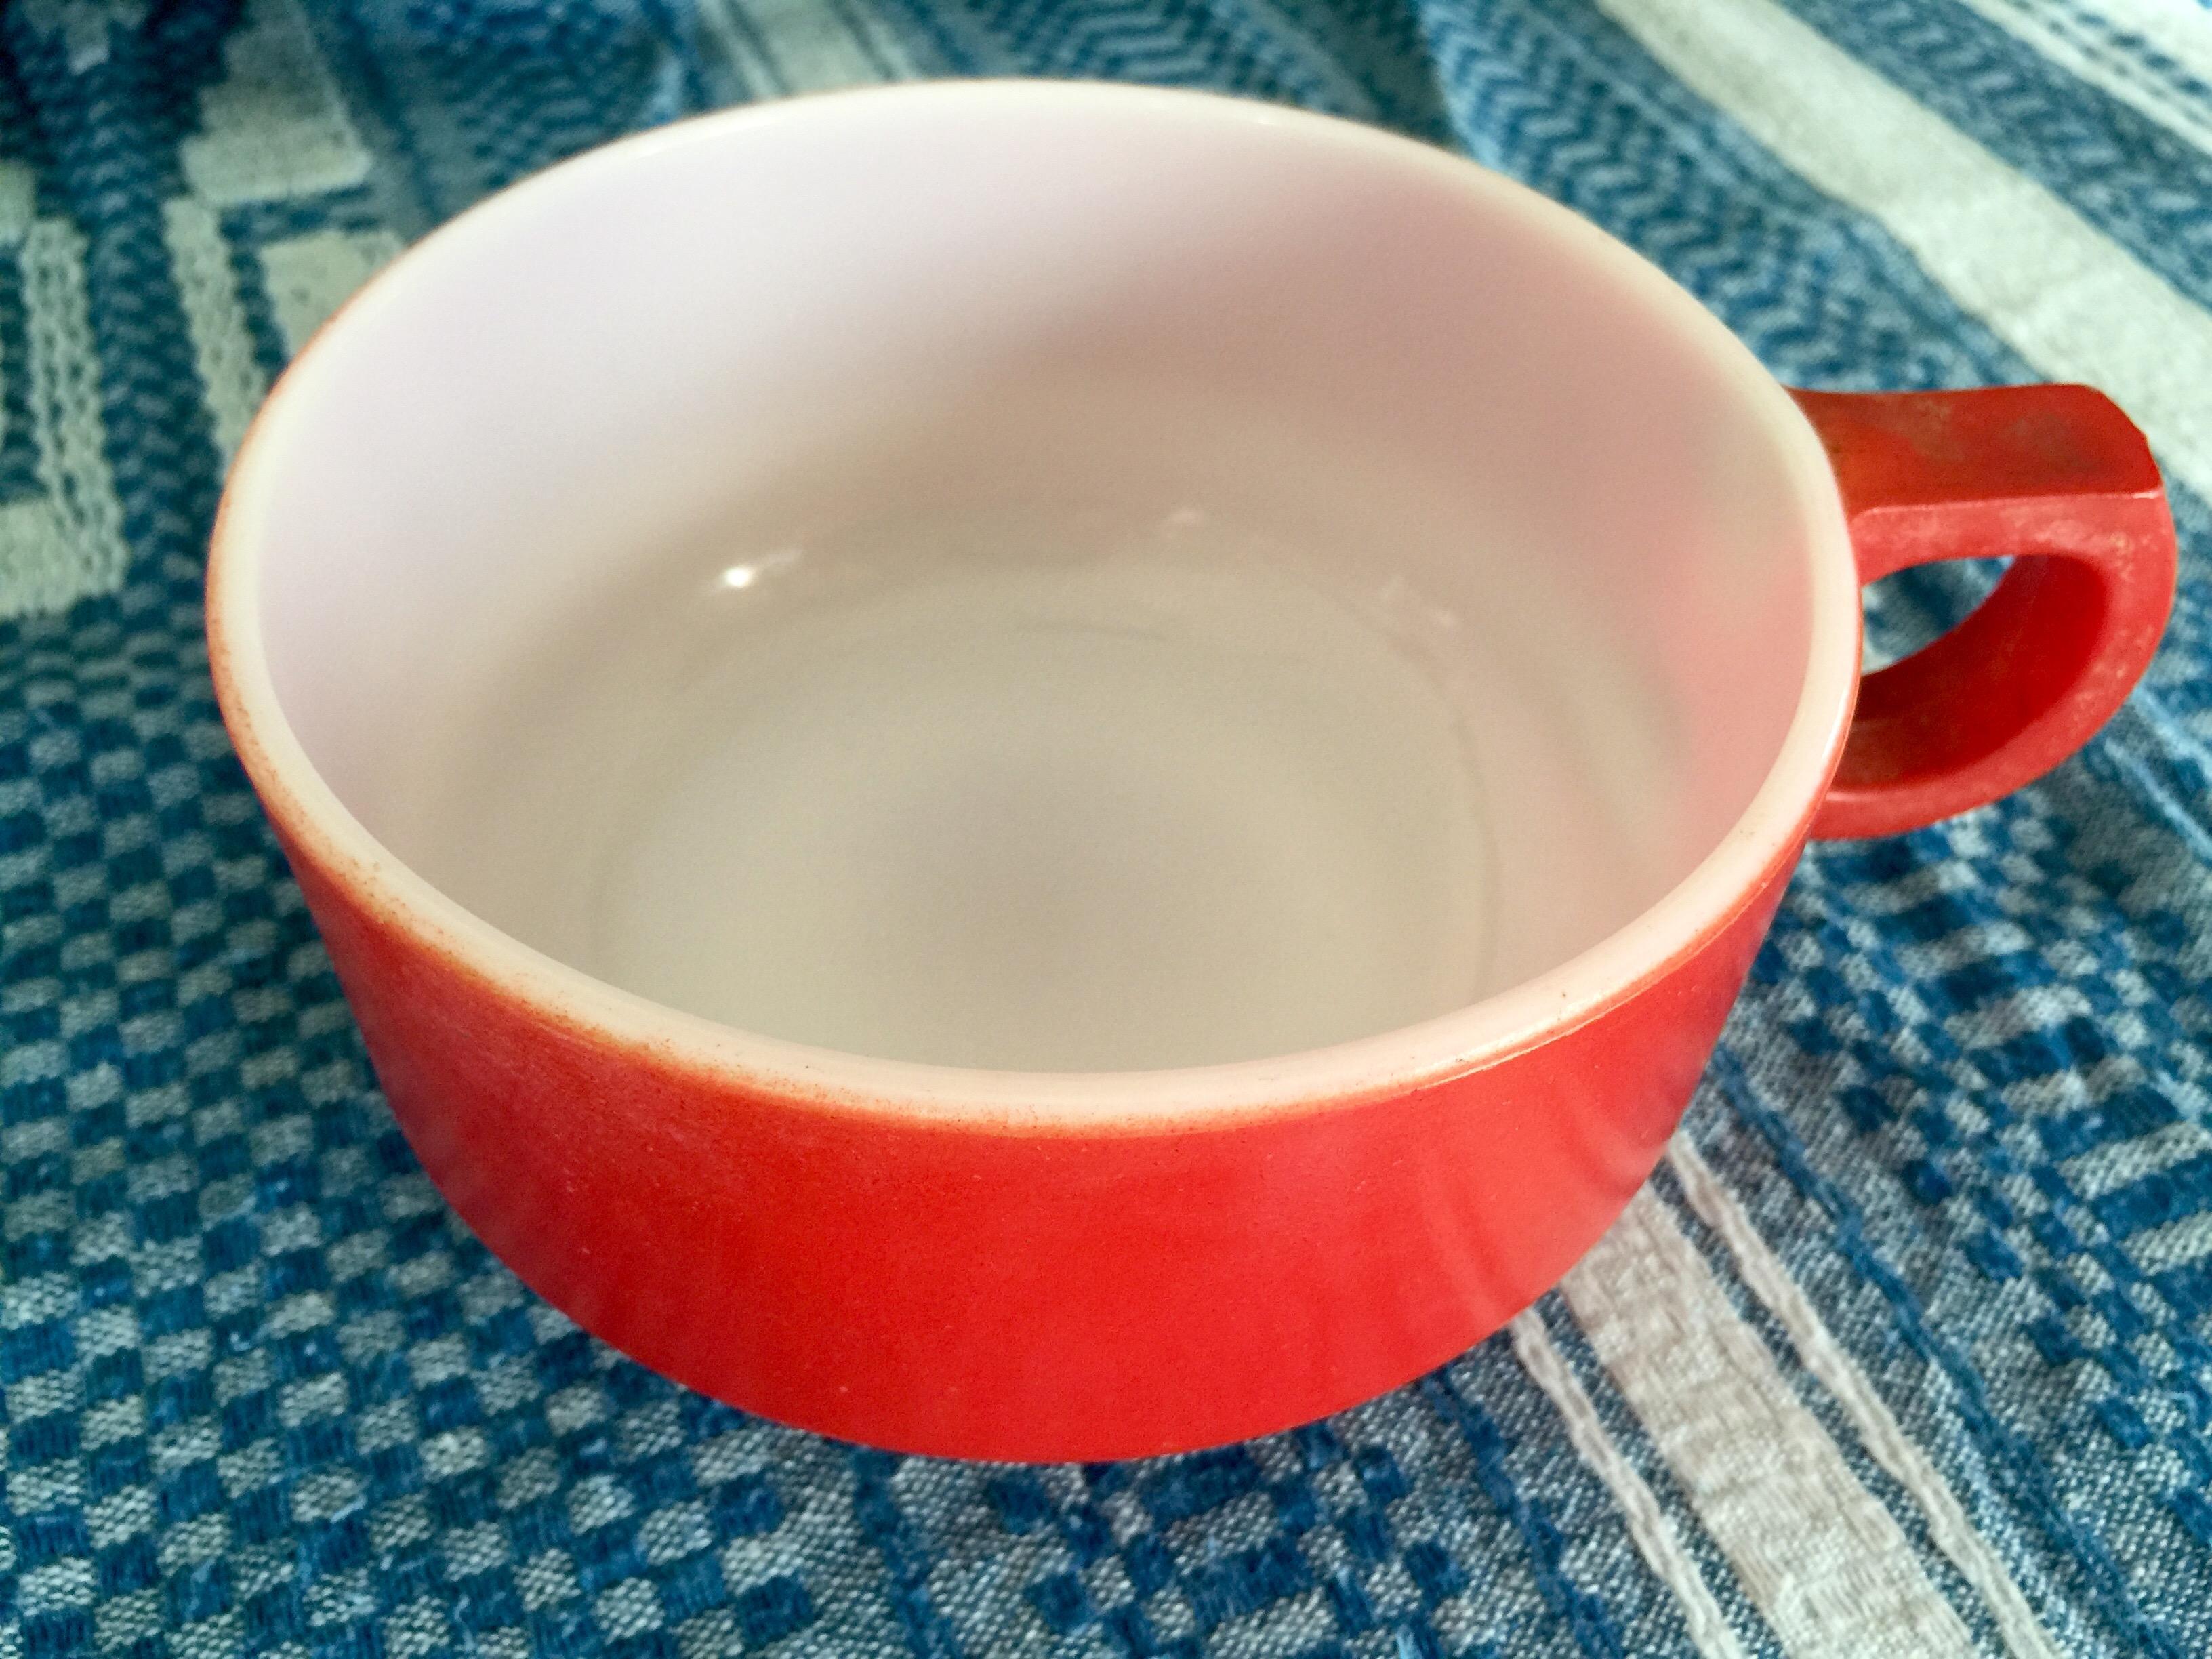 For Sale :: Vintage Red Soup/Latte Mug; $18